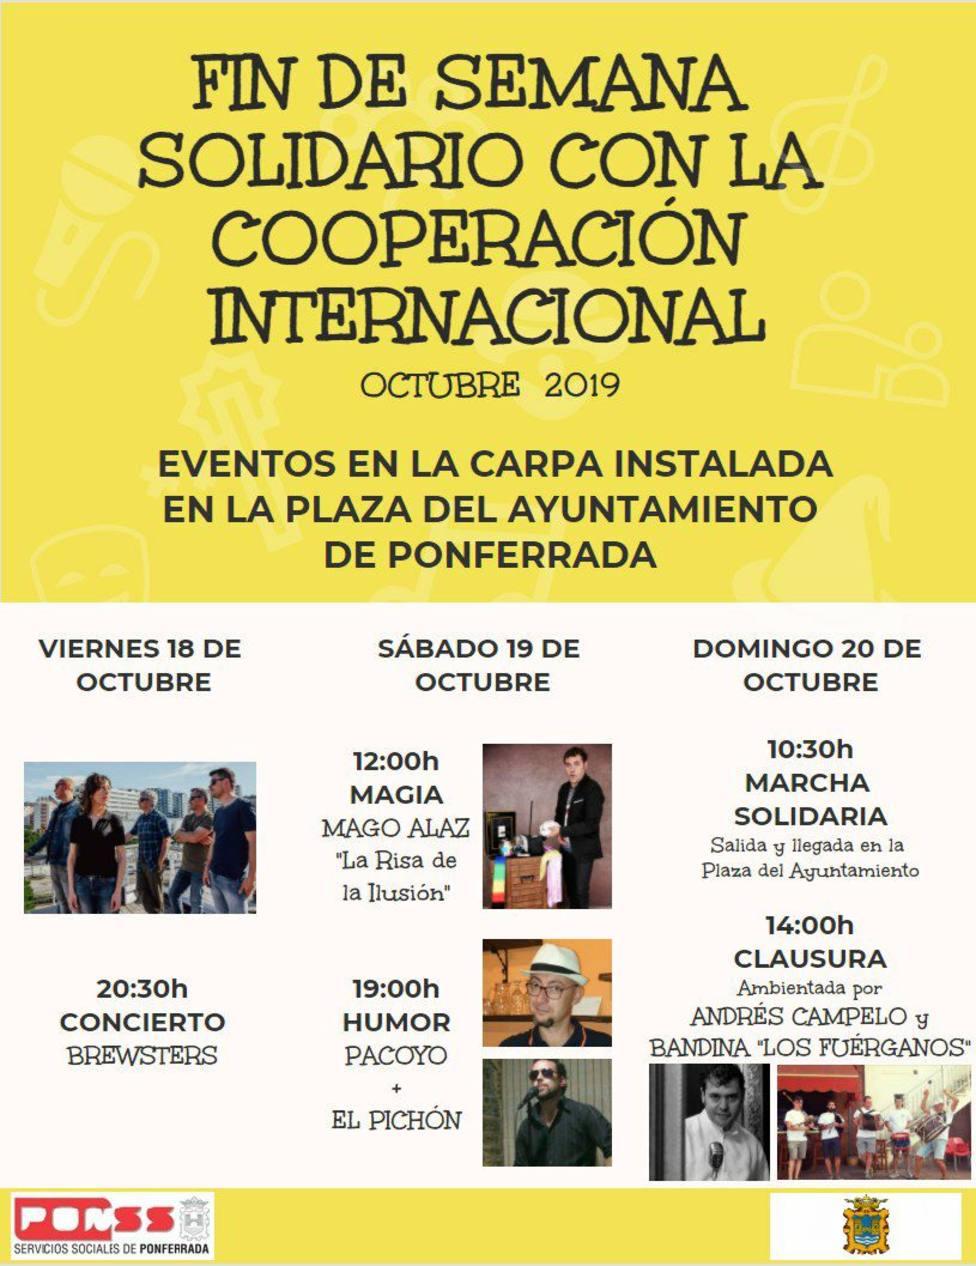 ctv-fht-cartel-fin-de-semana-solidario-con-la-cooperacin-internacional